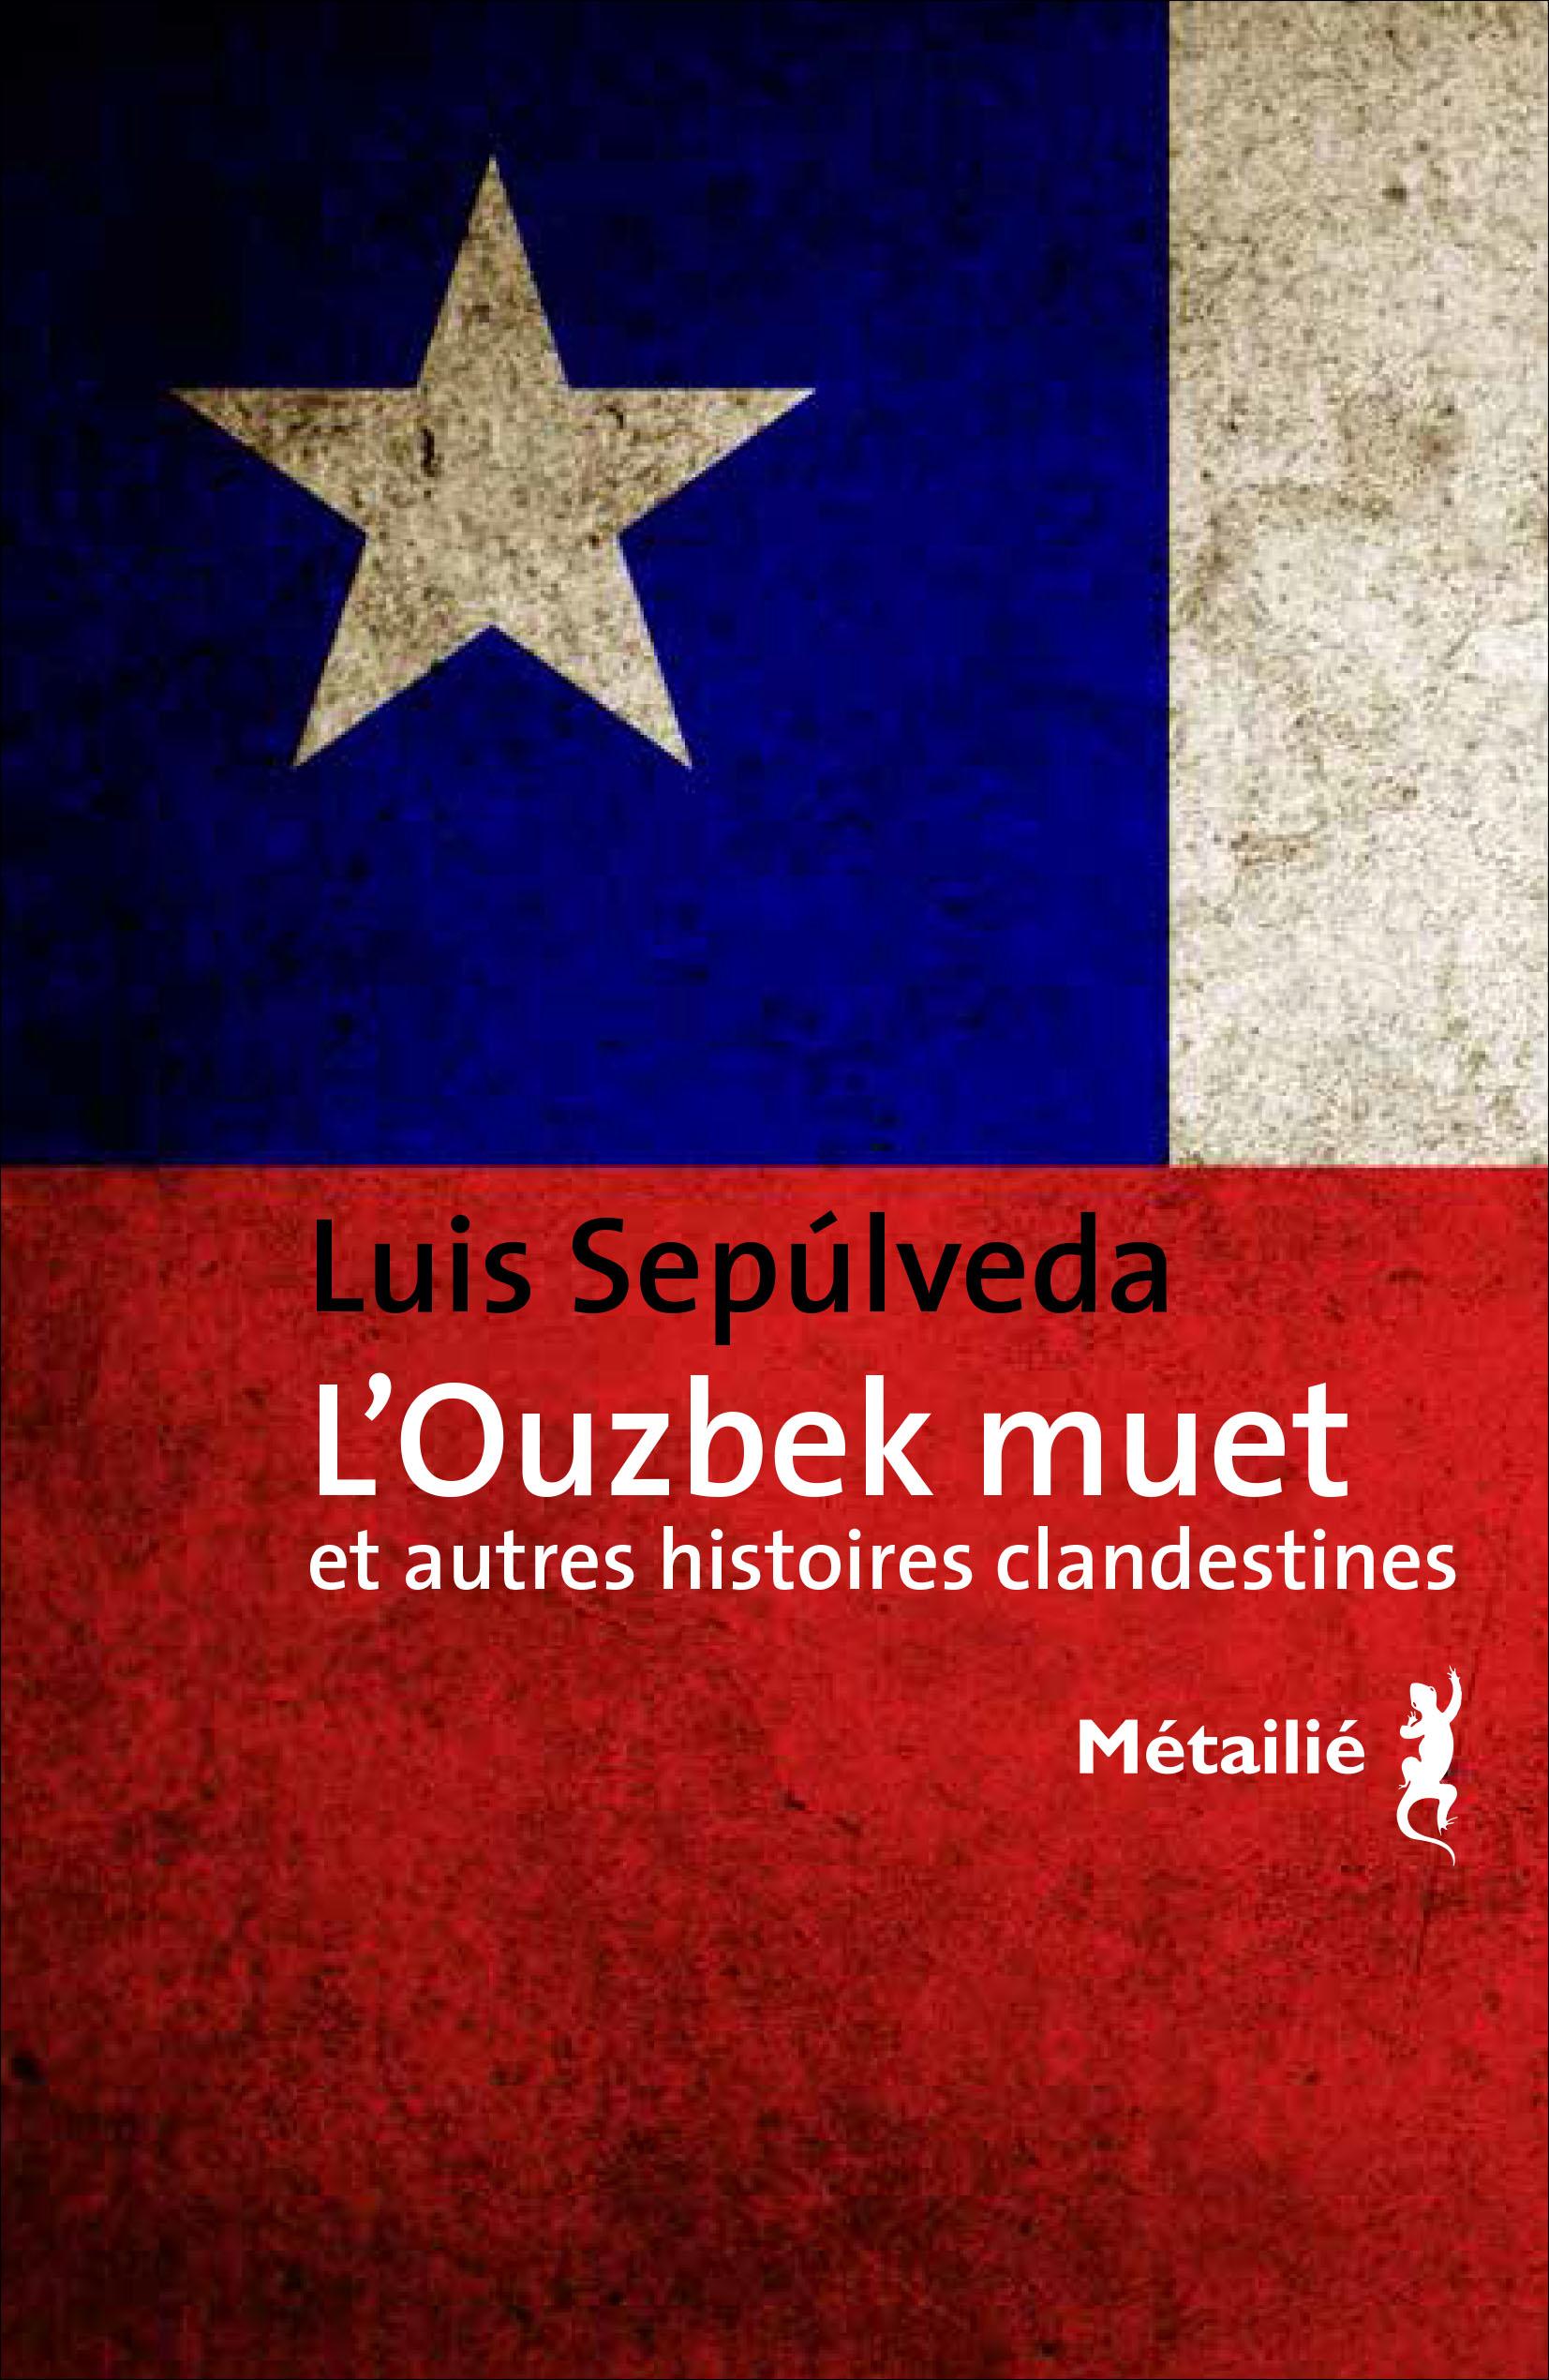 Ouzbek muet et autres histoires clandestines HD